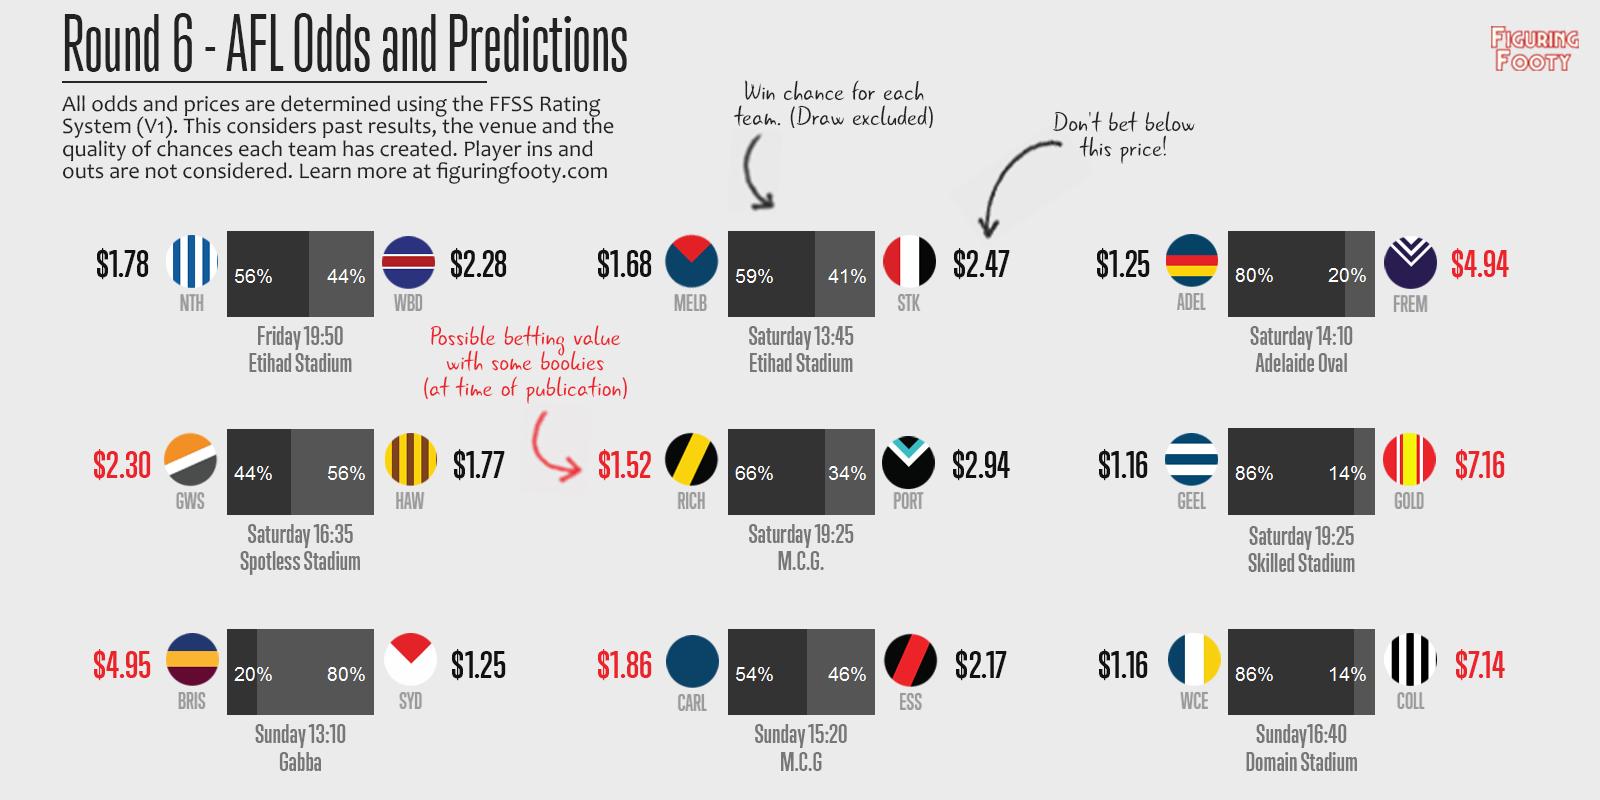 FFSS Week 6 Predictions